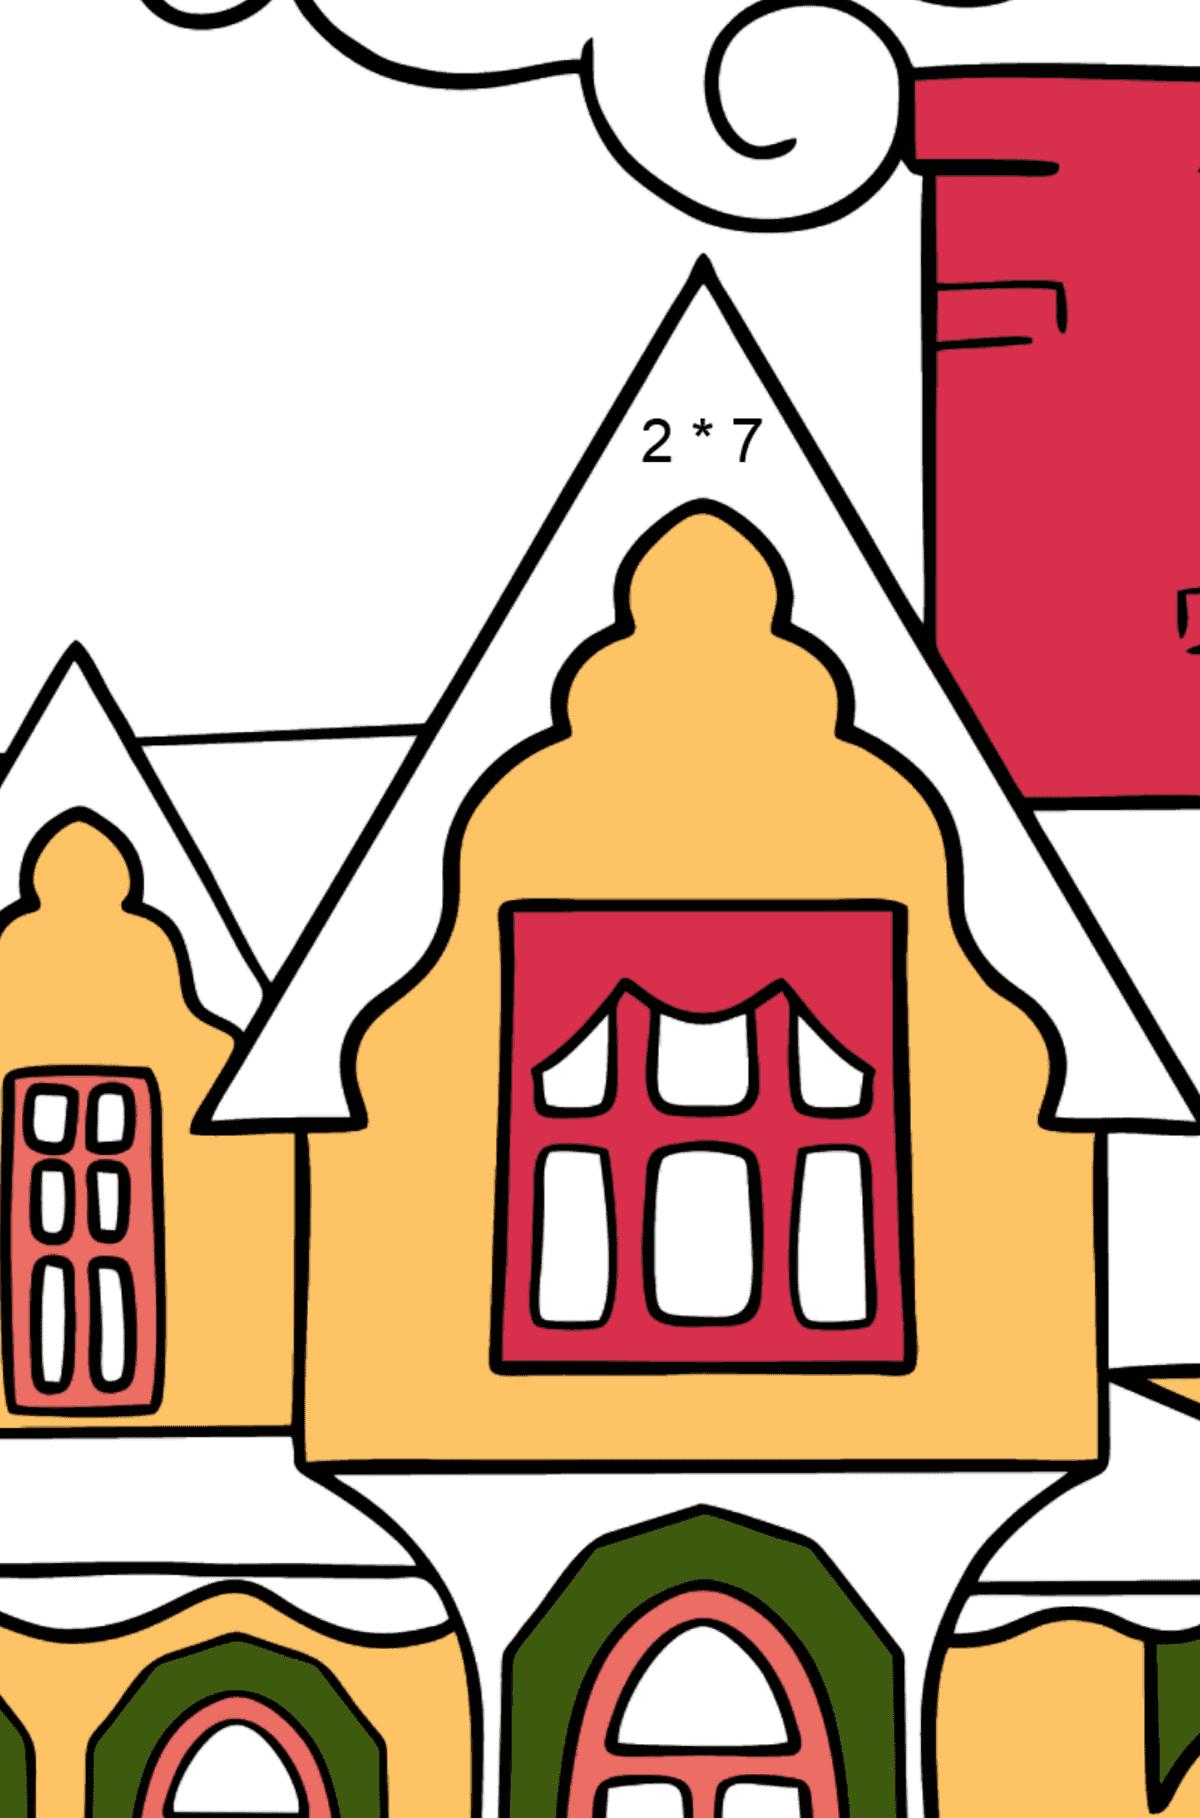 Простая раскраска домик чудесный - Математическая Раскраска - Умножение для Детей